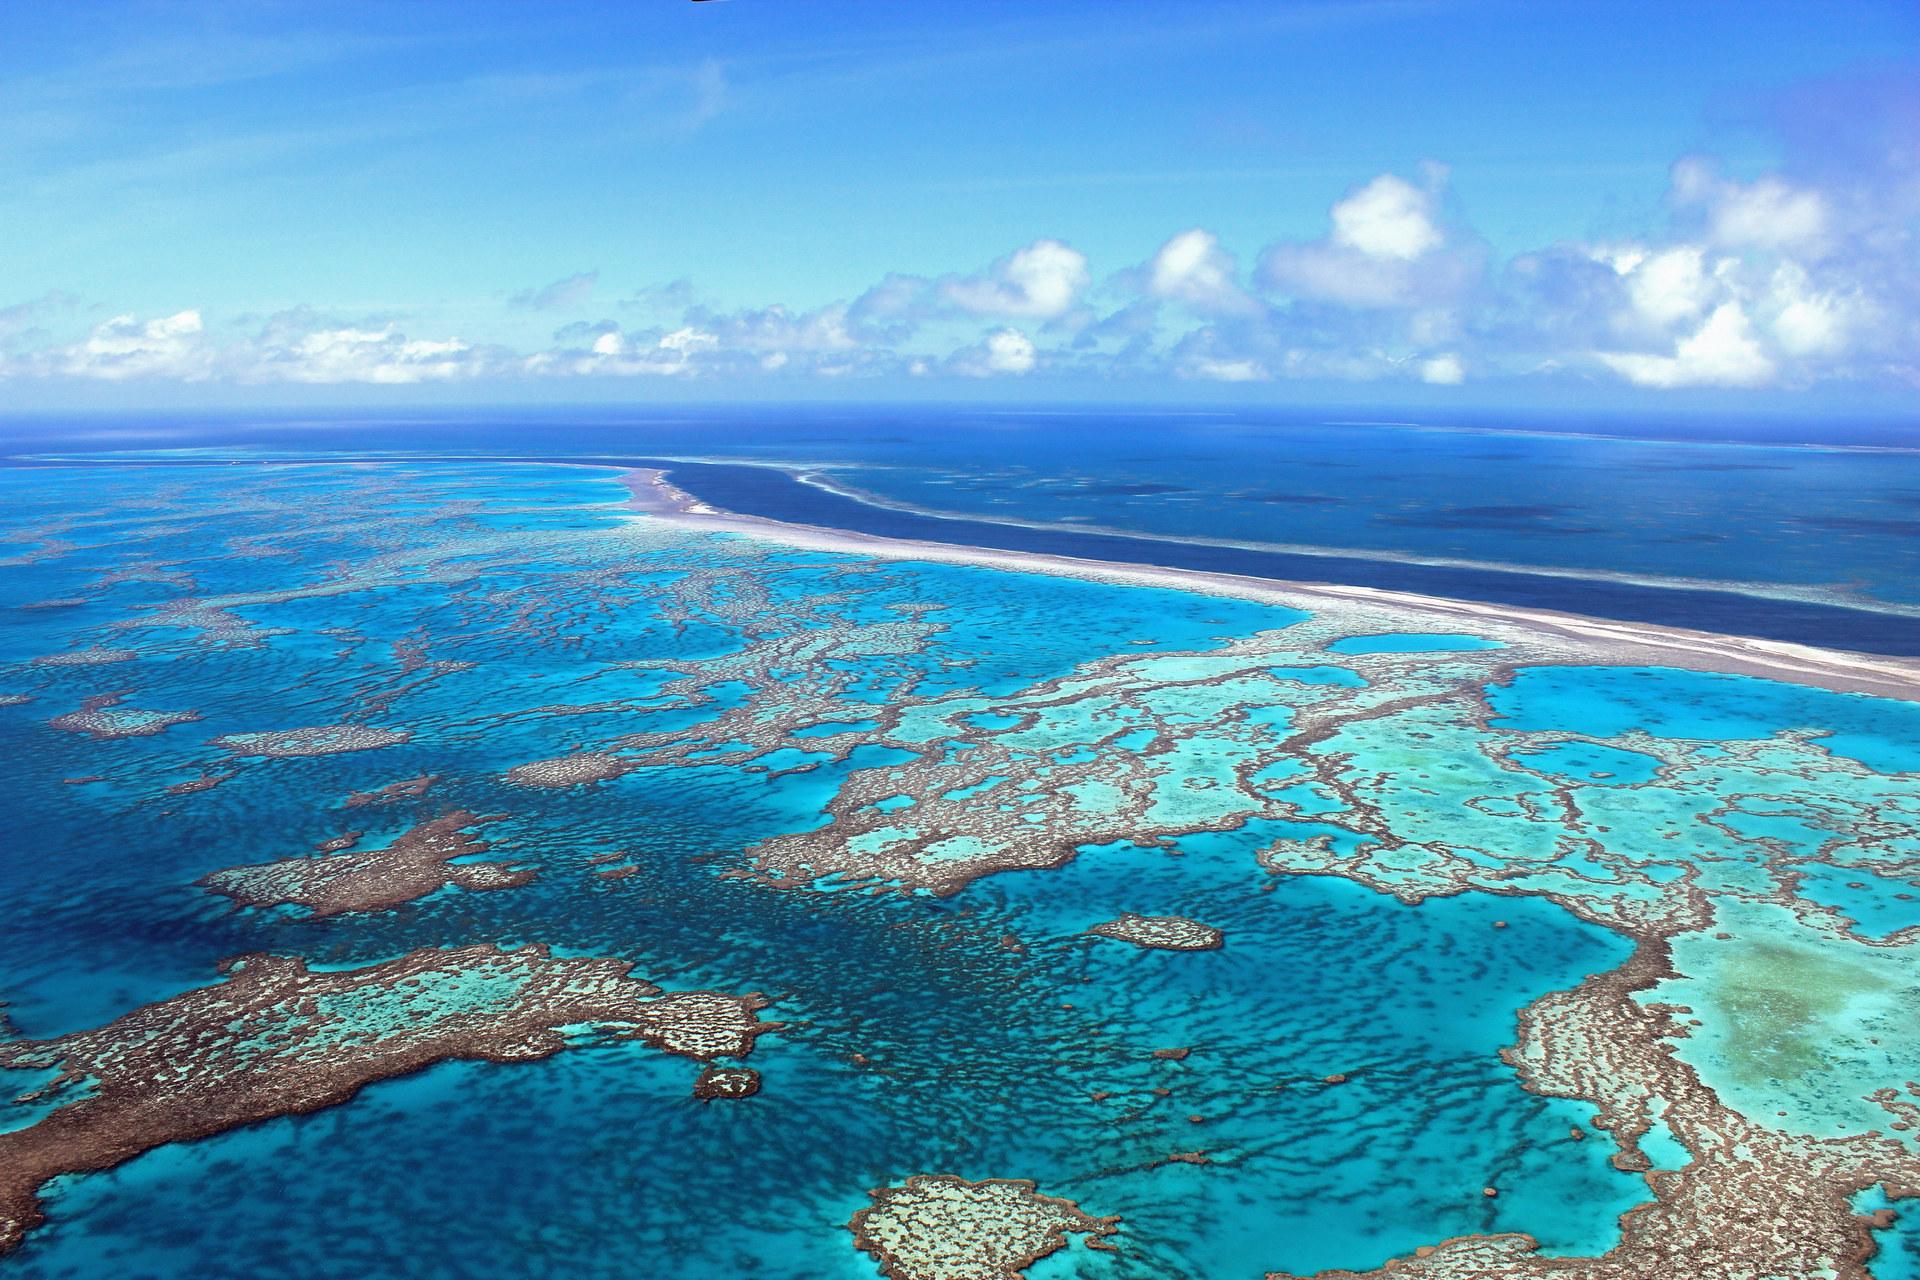 Большой барьерный риф - Положительная связь между природой и счастьем